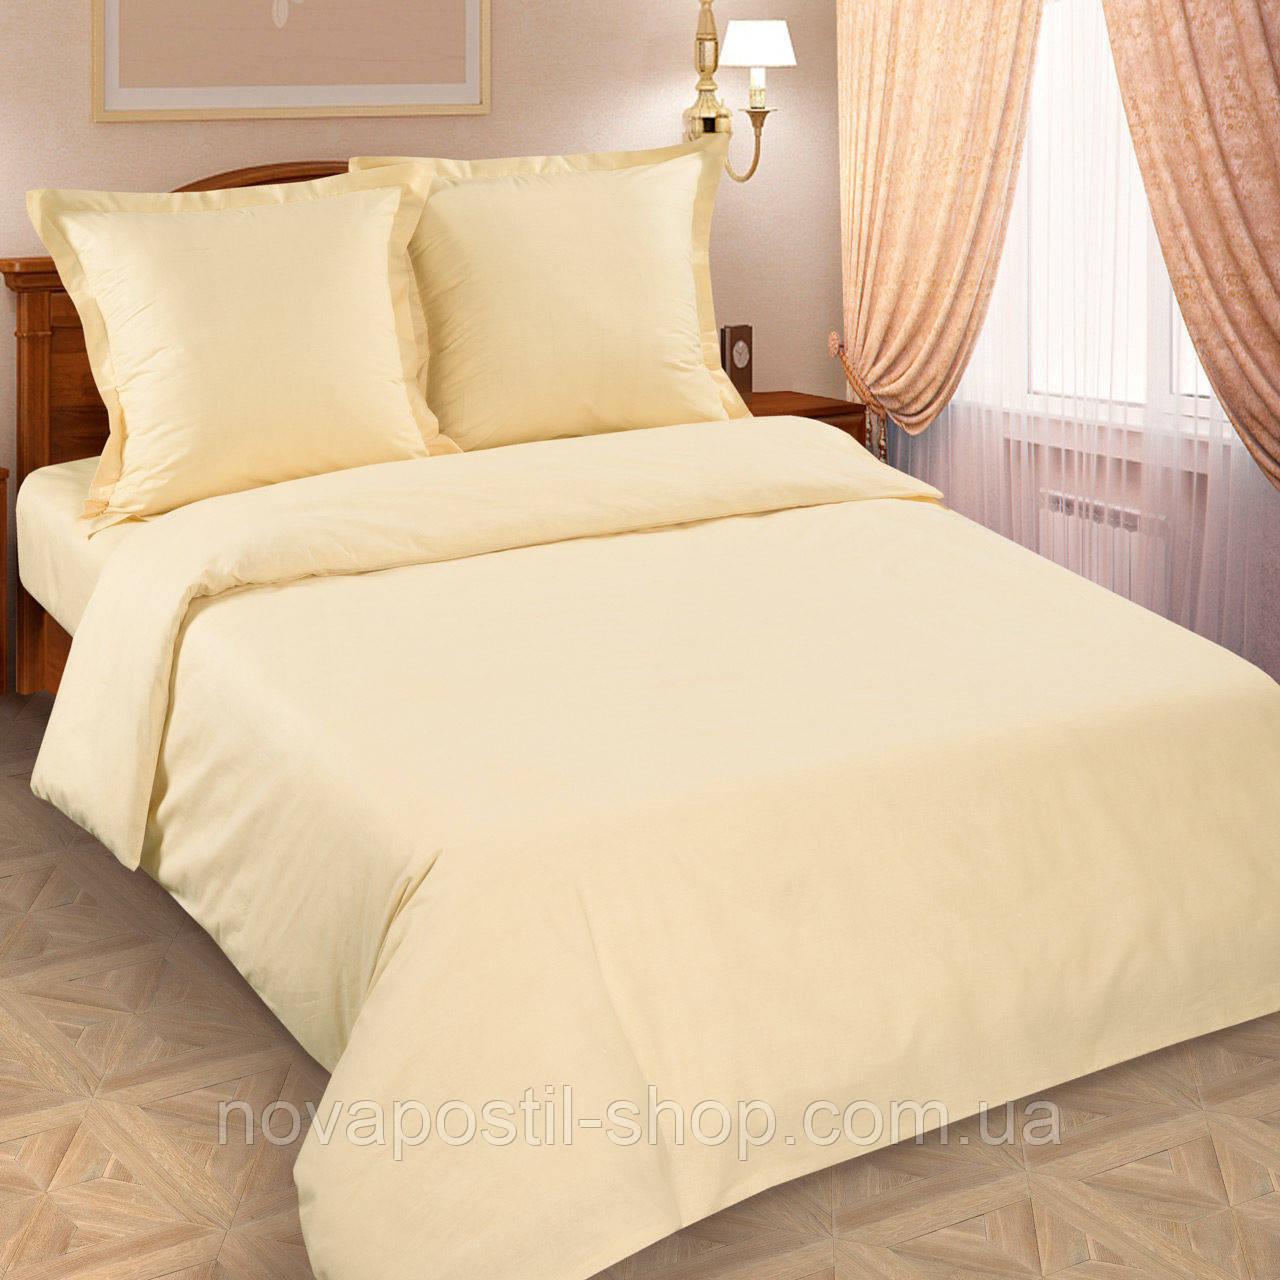 Ткань для постельного белья однотонная, поплин Шампань